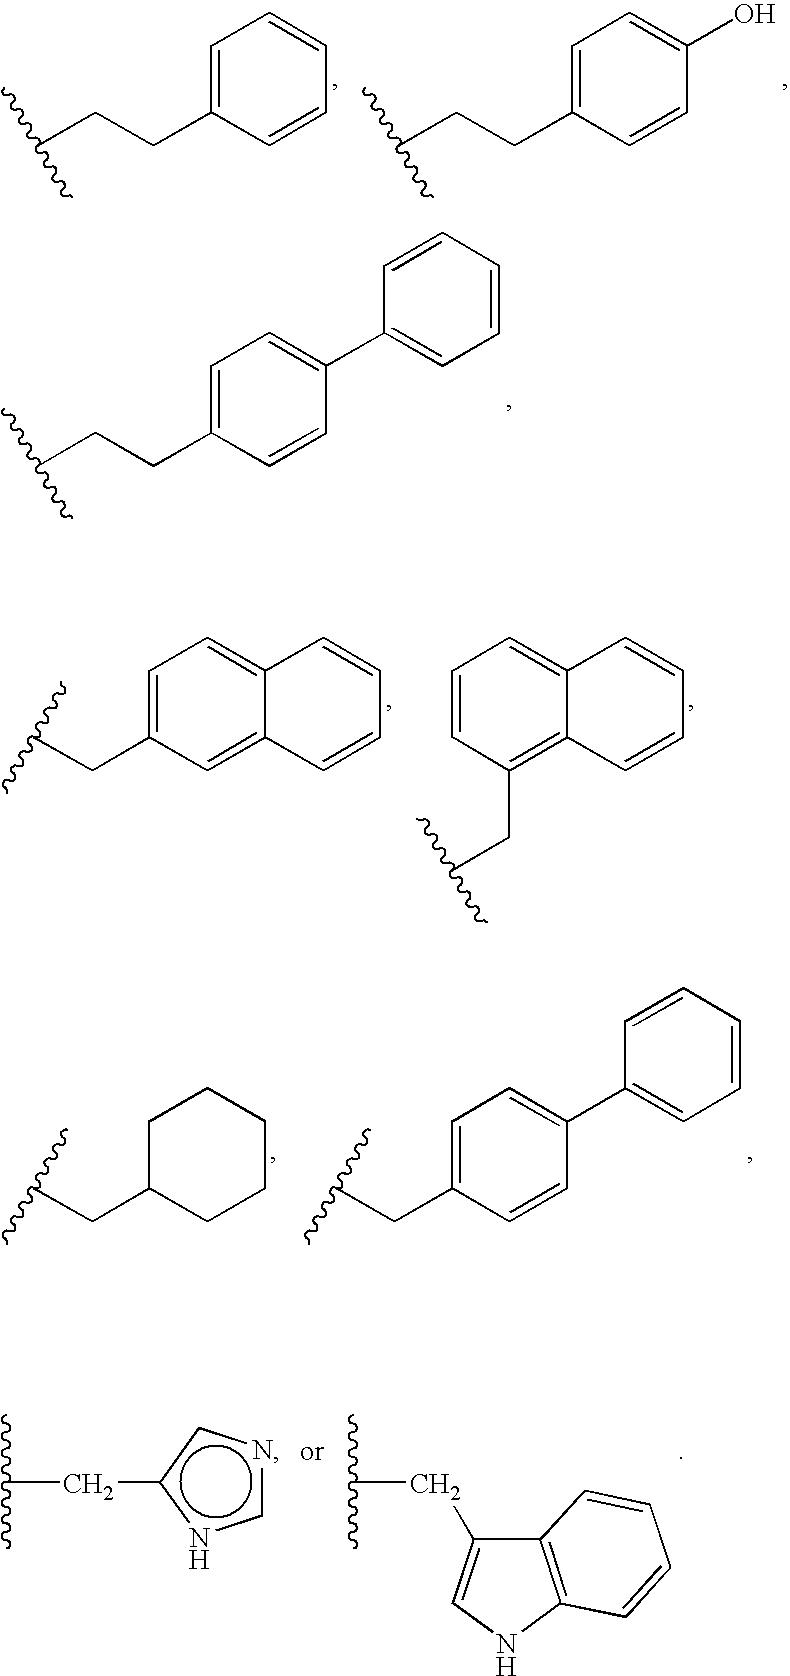 Figure US07521541-20090421-C00013